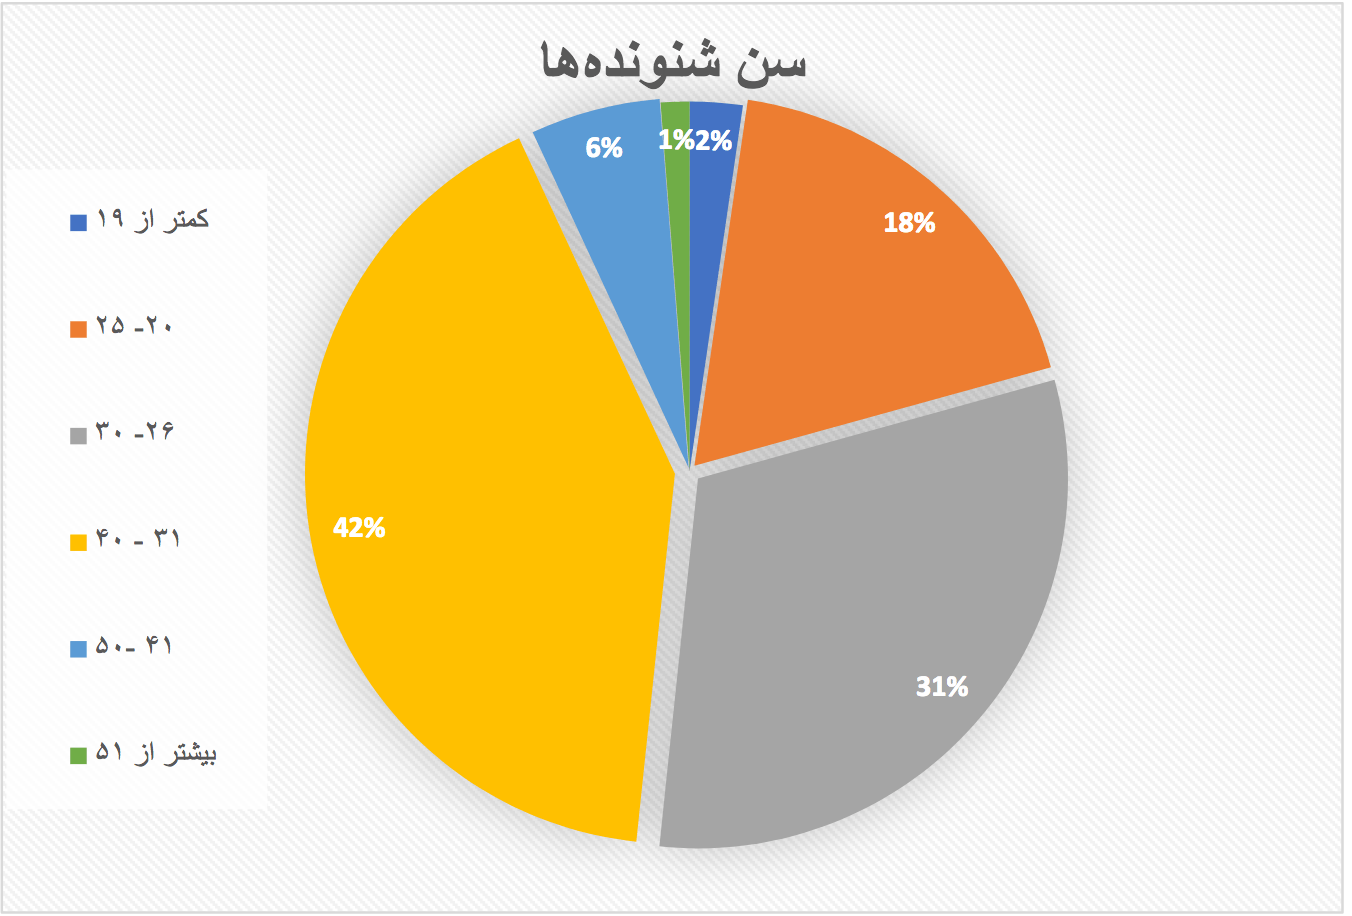 گزارش نظرسنجی از شنوندههای پادکست فارسی چنلبی – تابستان ۱۳۹۷زمان تقریبی مطالعه: ۱ دقیقه